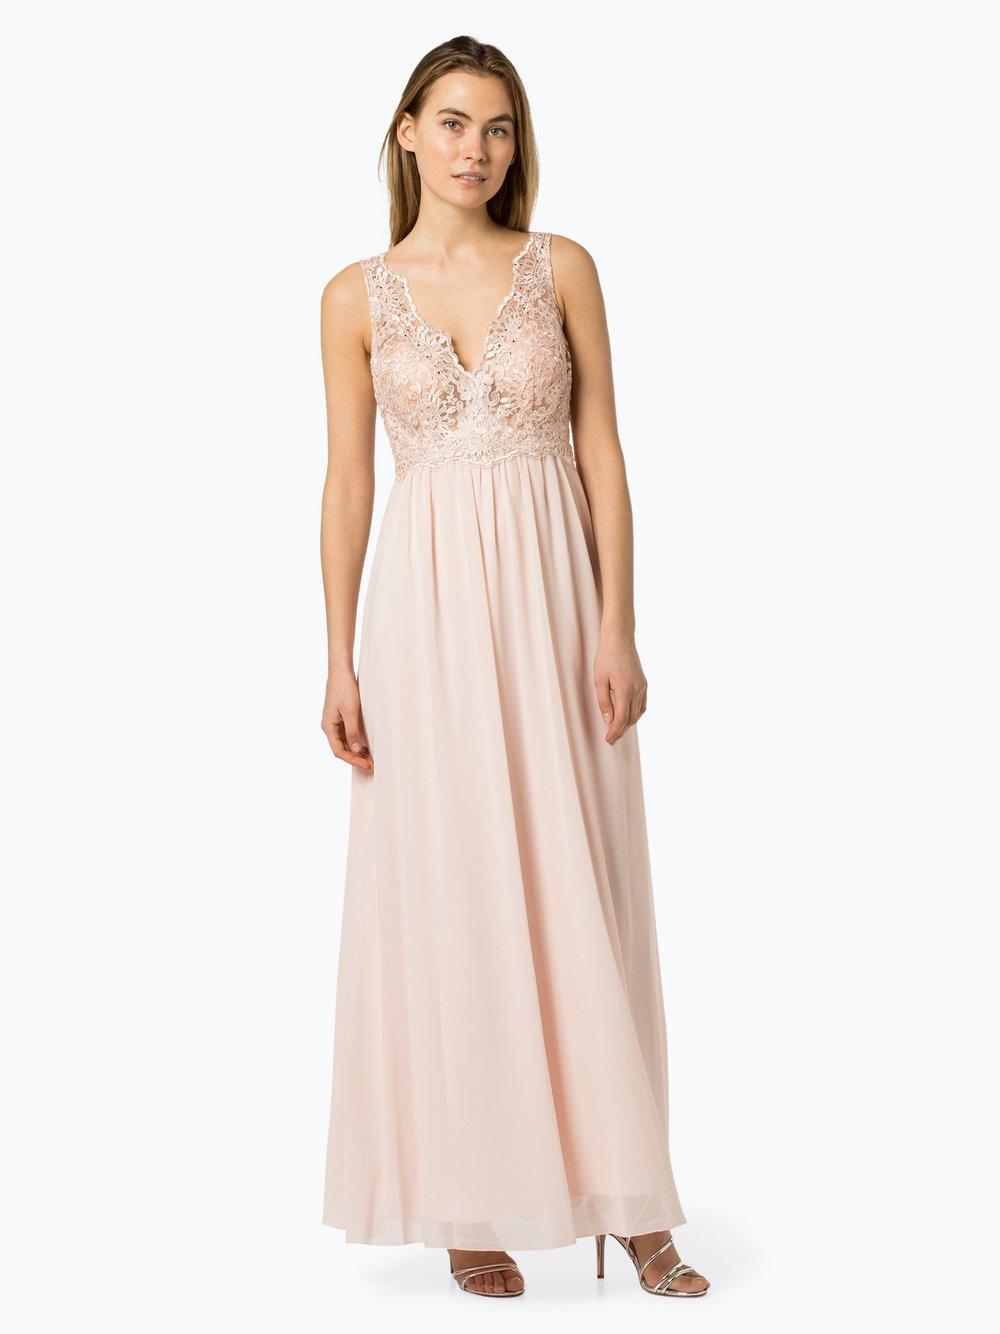 Formal Spektakulär P&C Abend Kleid Bester Preis17 Luxurius P&C Abend Kleid für 2019